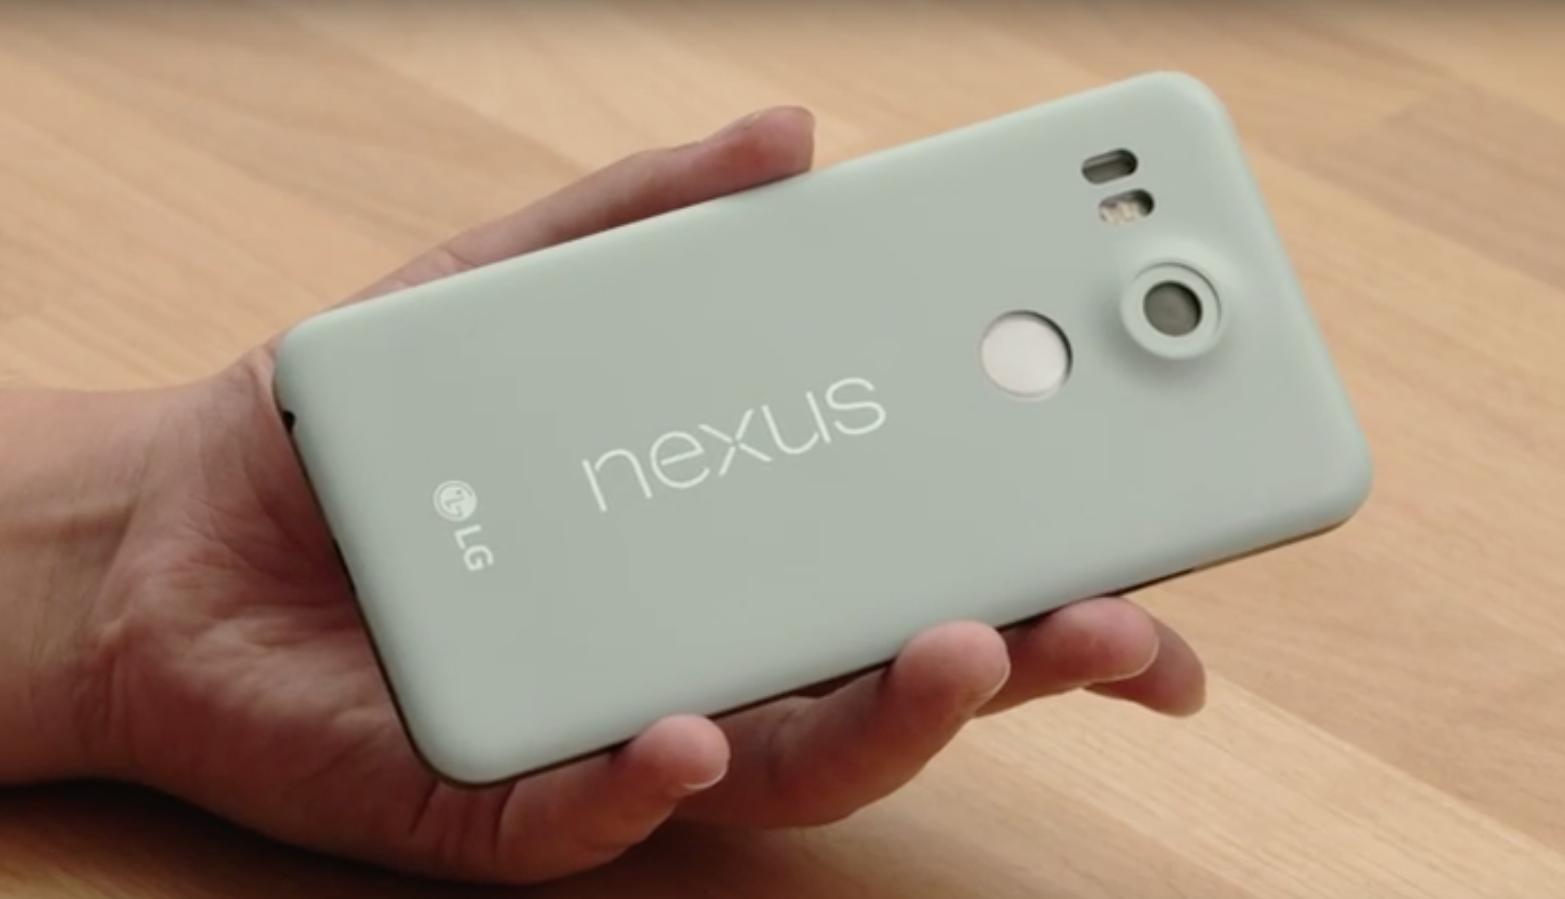 Nexus 5X prototype